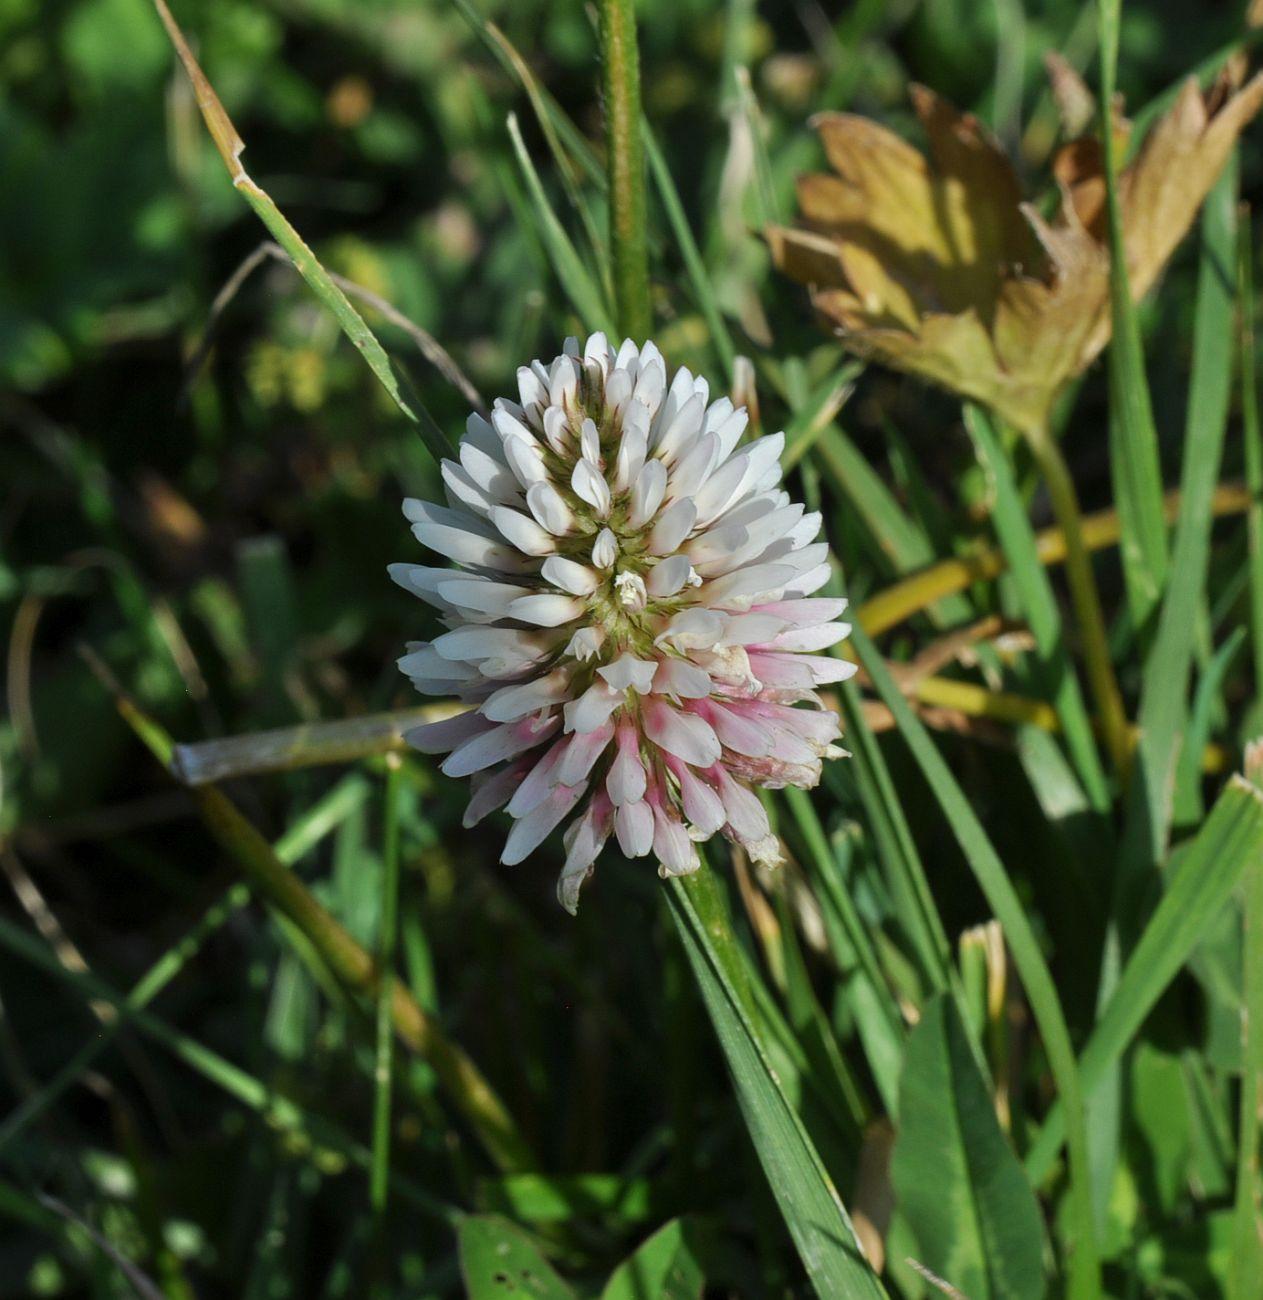 Изображение растения Trifolium ambiguum.